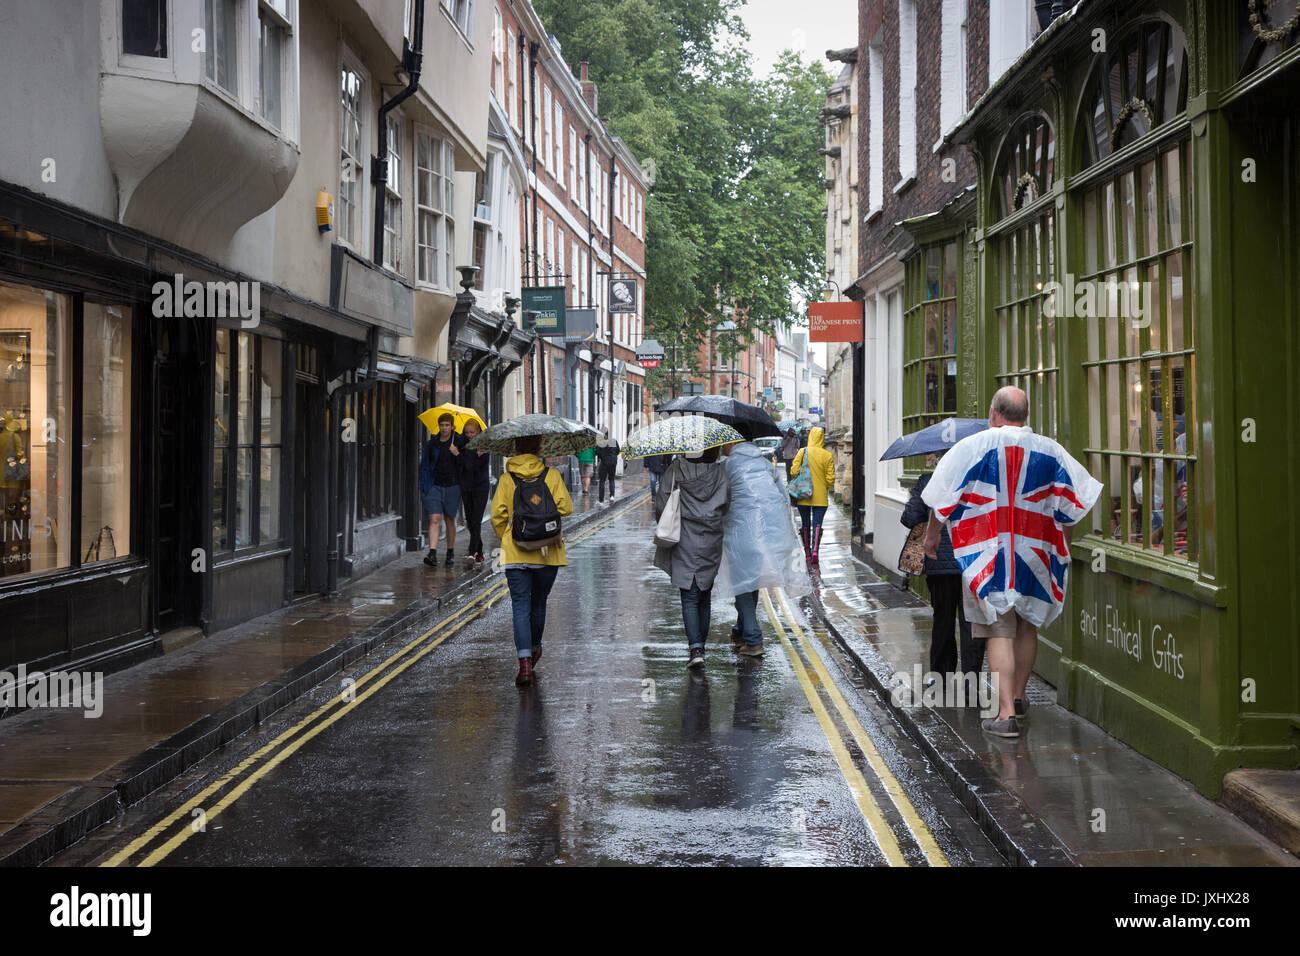 Sehr regnerischen Tag im Zentrum von York, Sonnenschirme und einen Mann, der in einer Union Flag anorak Poncho Stockbild